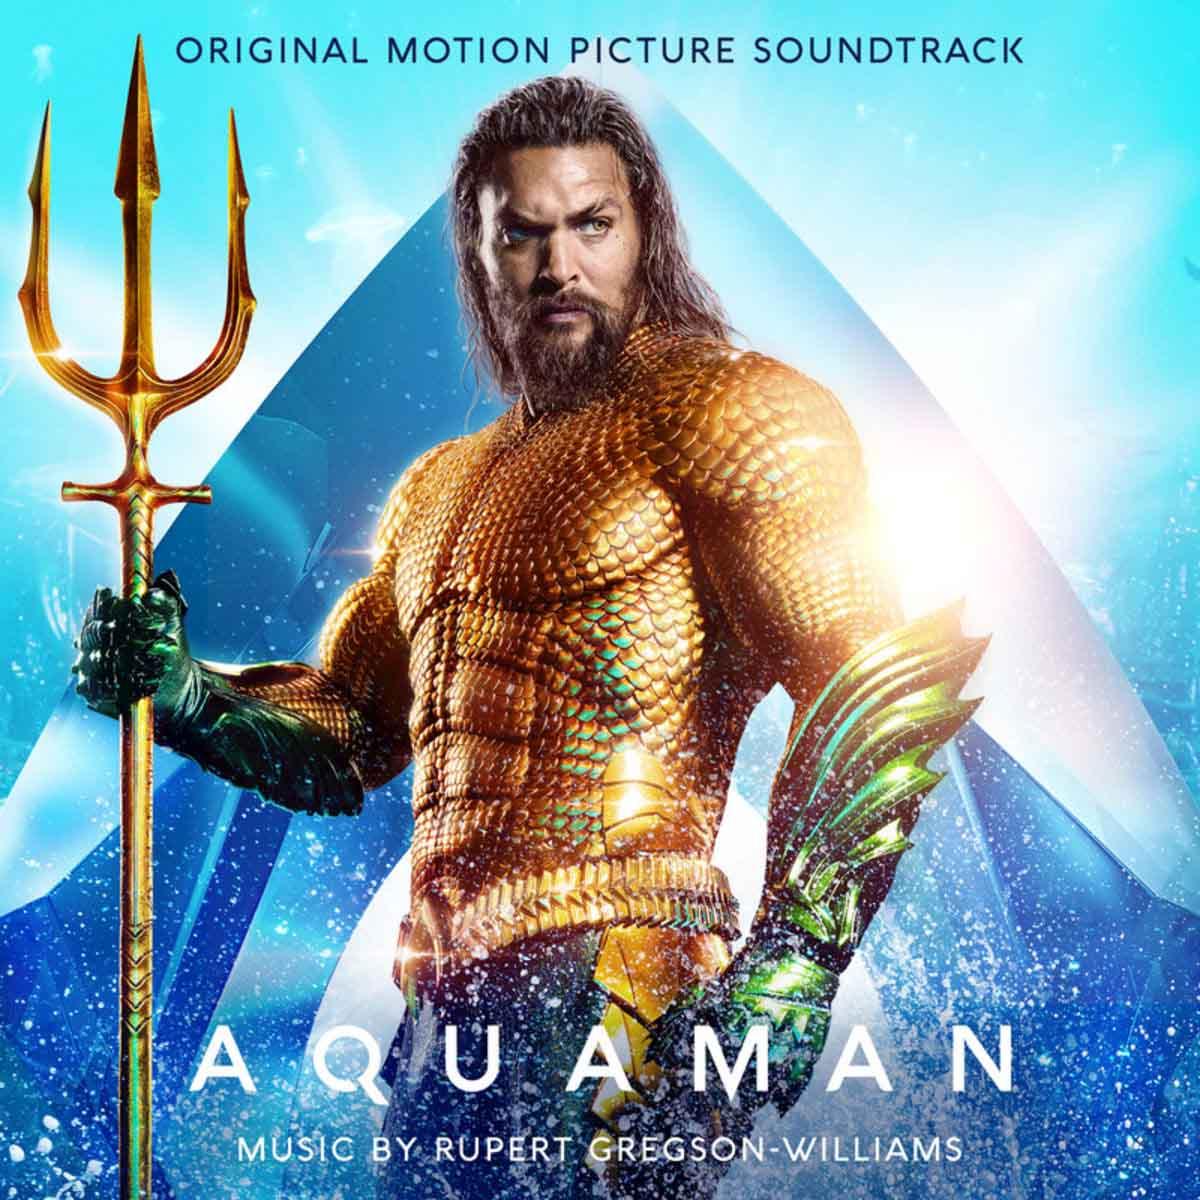 دانلود موسیقی متن آکوامن - Aquaman